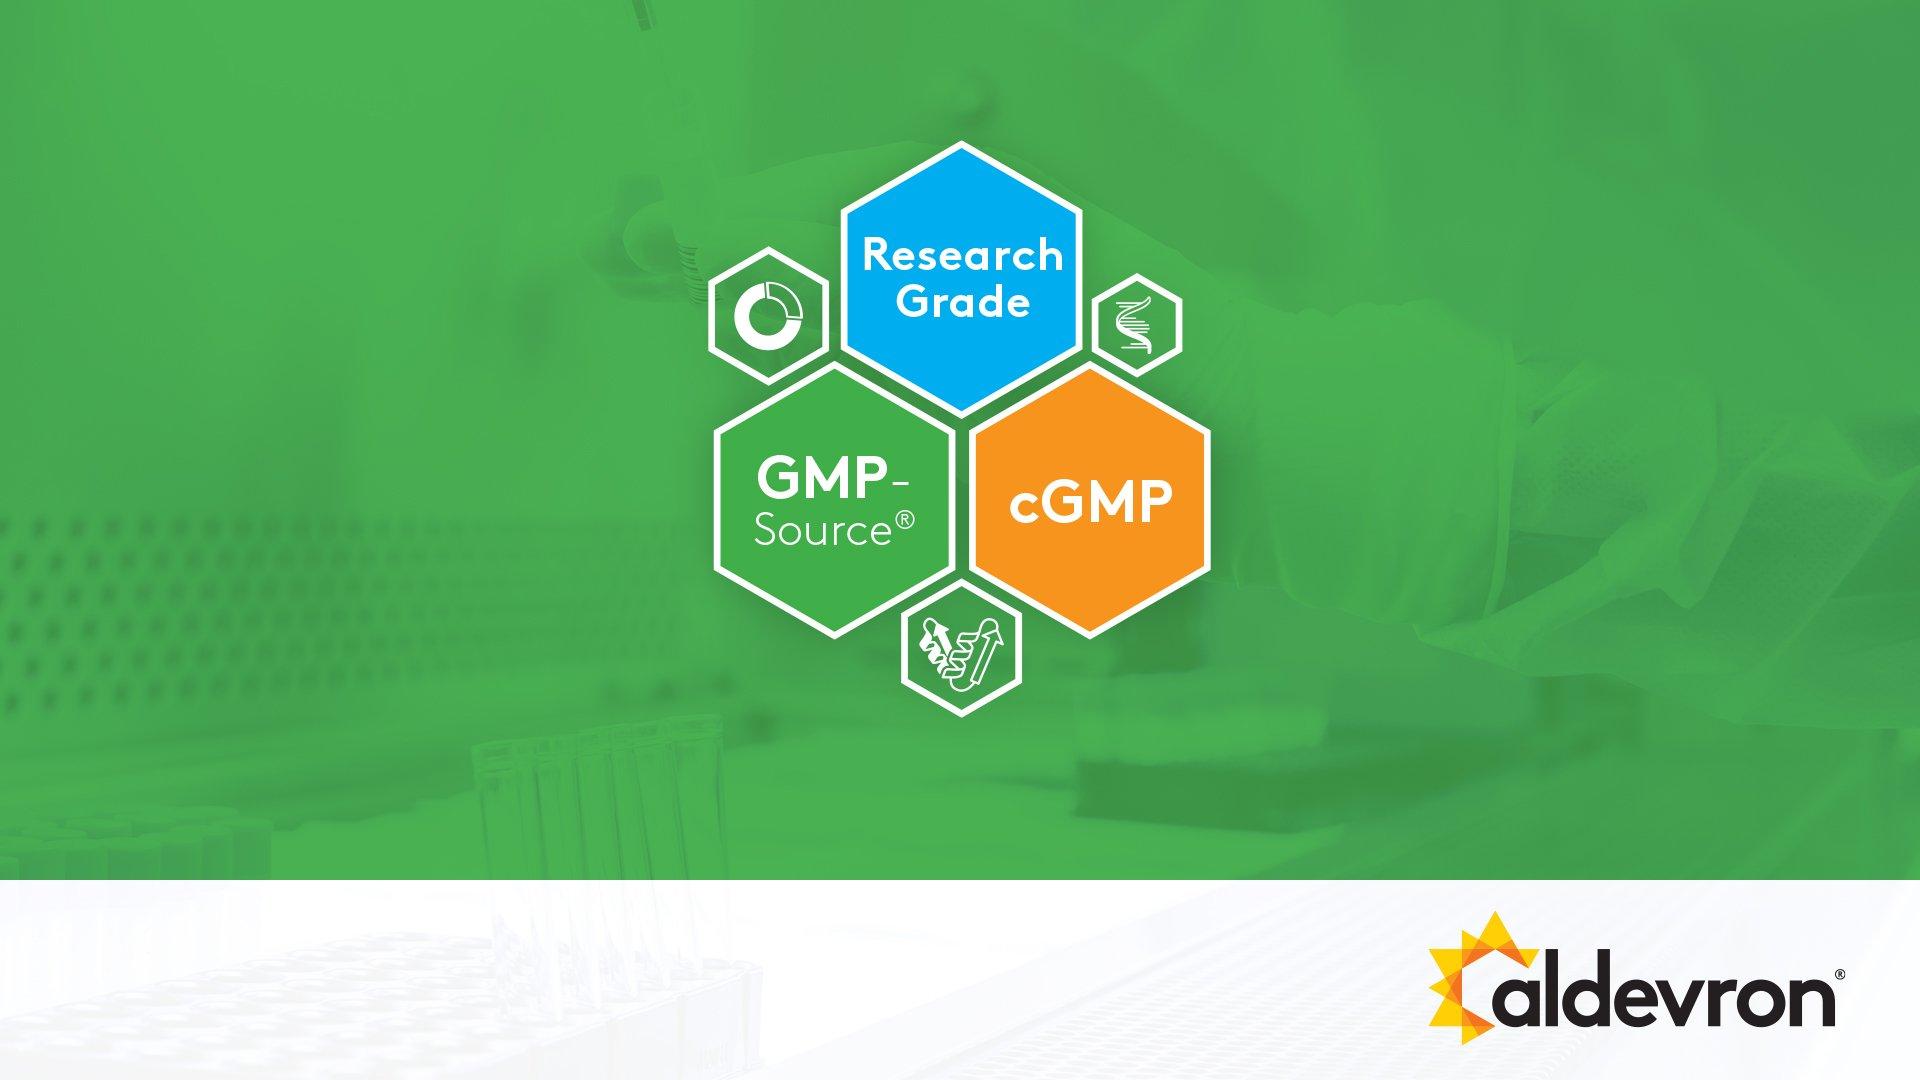 Aldevron GMP-Source